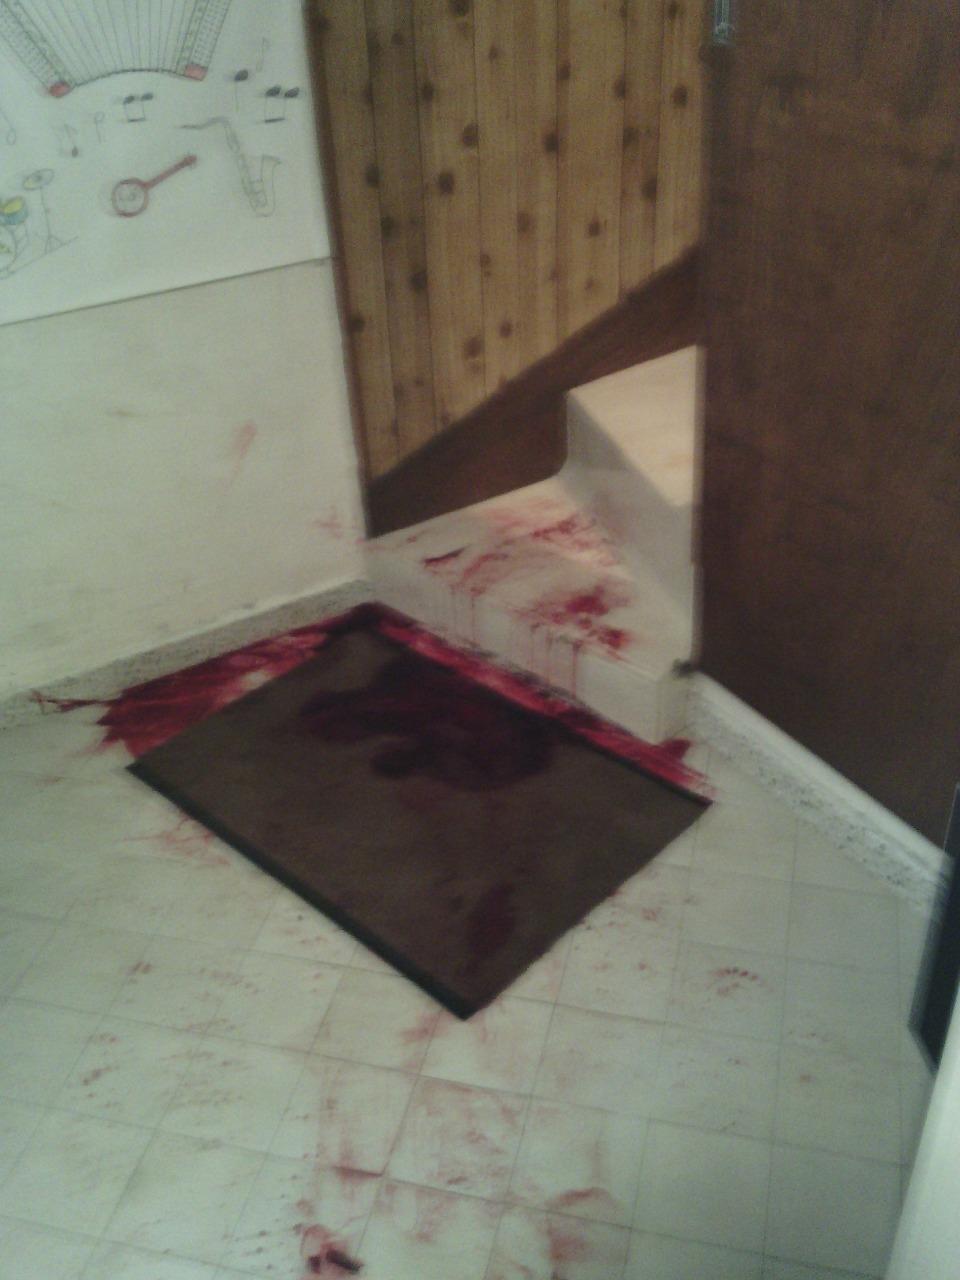 Nettoyage suite a deces par suicide